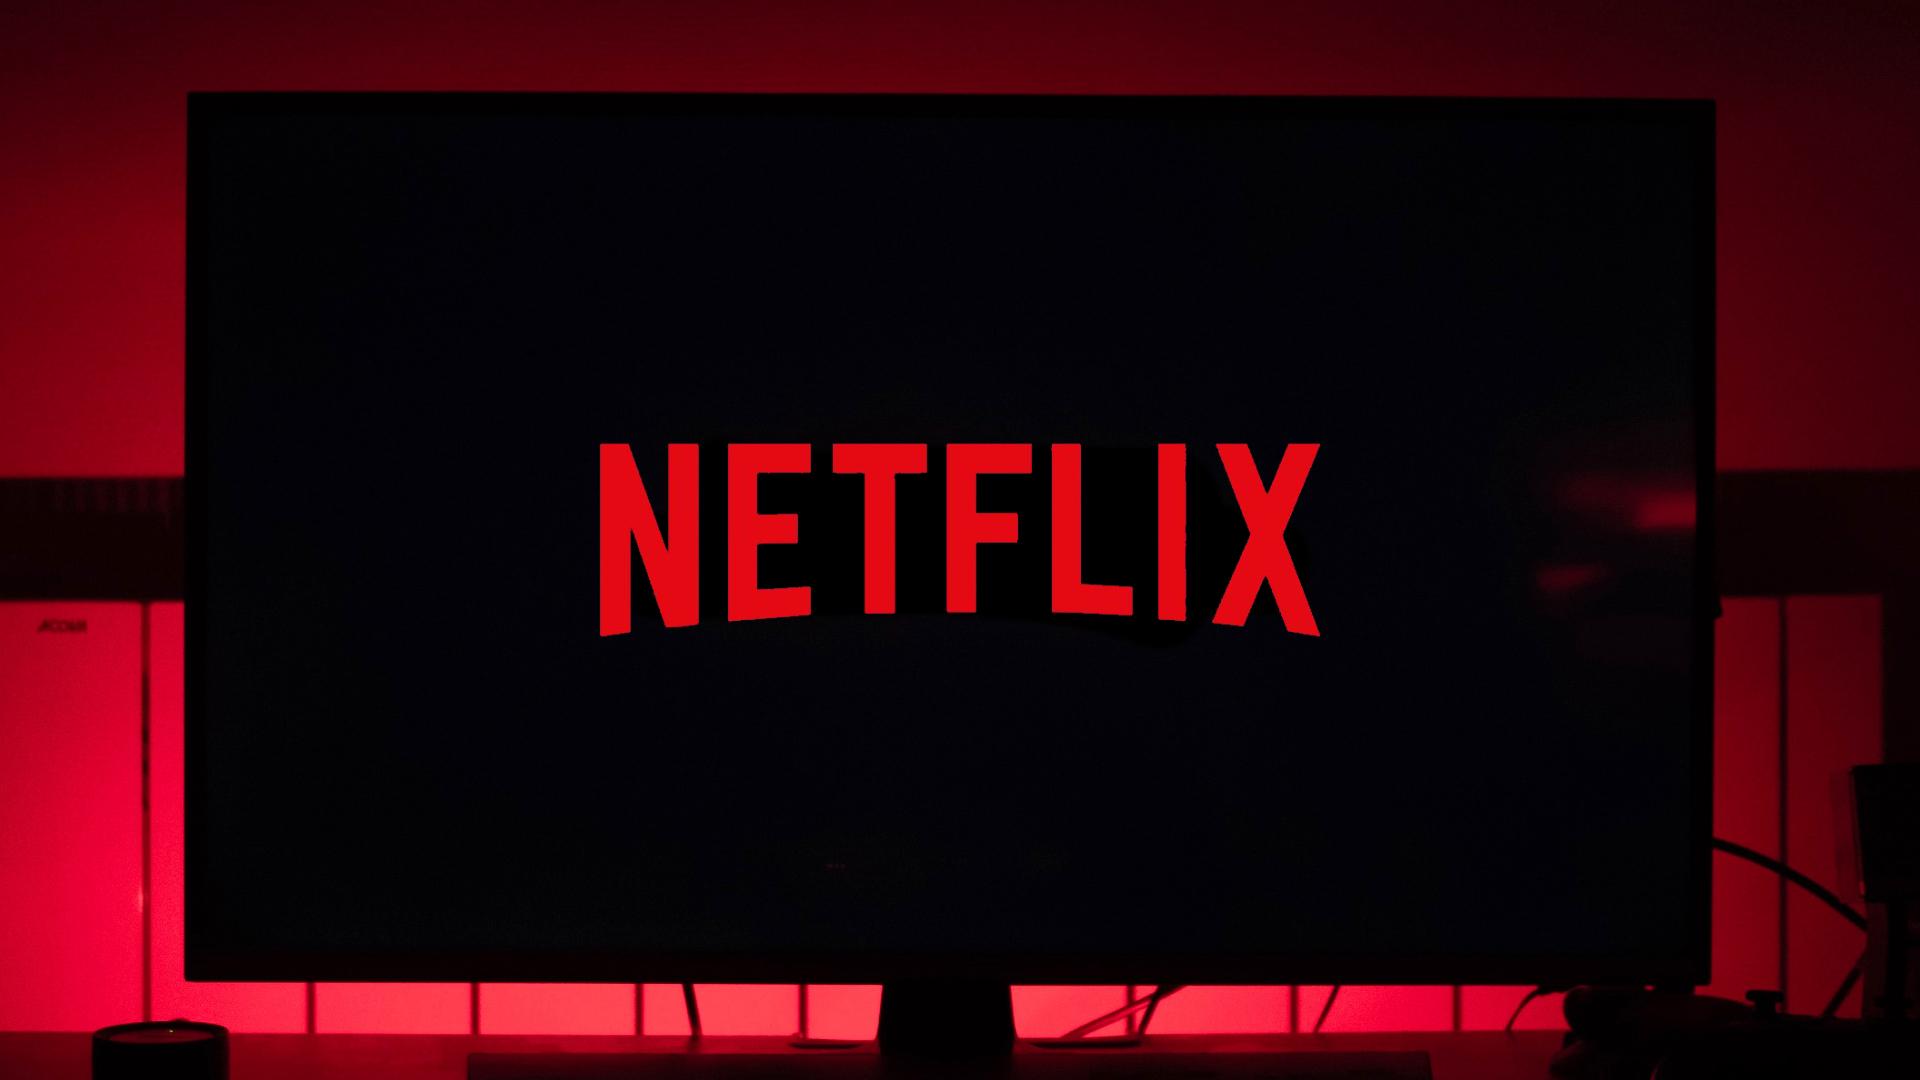 Netflix apoya a la comunidad cinematográfica con un fondo de $ 100 millones